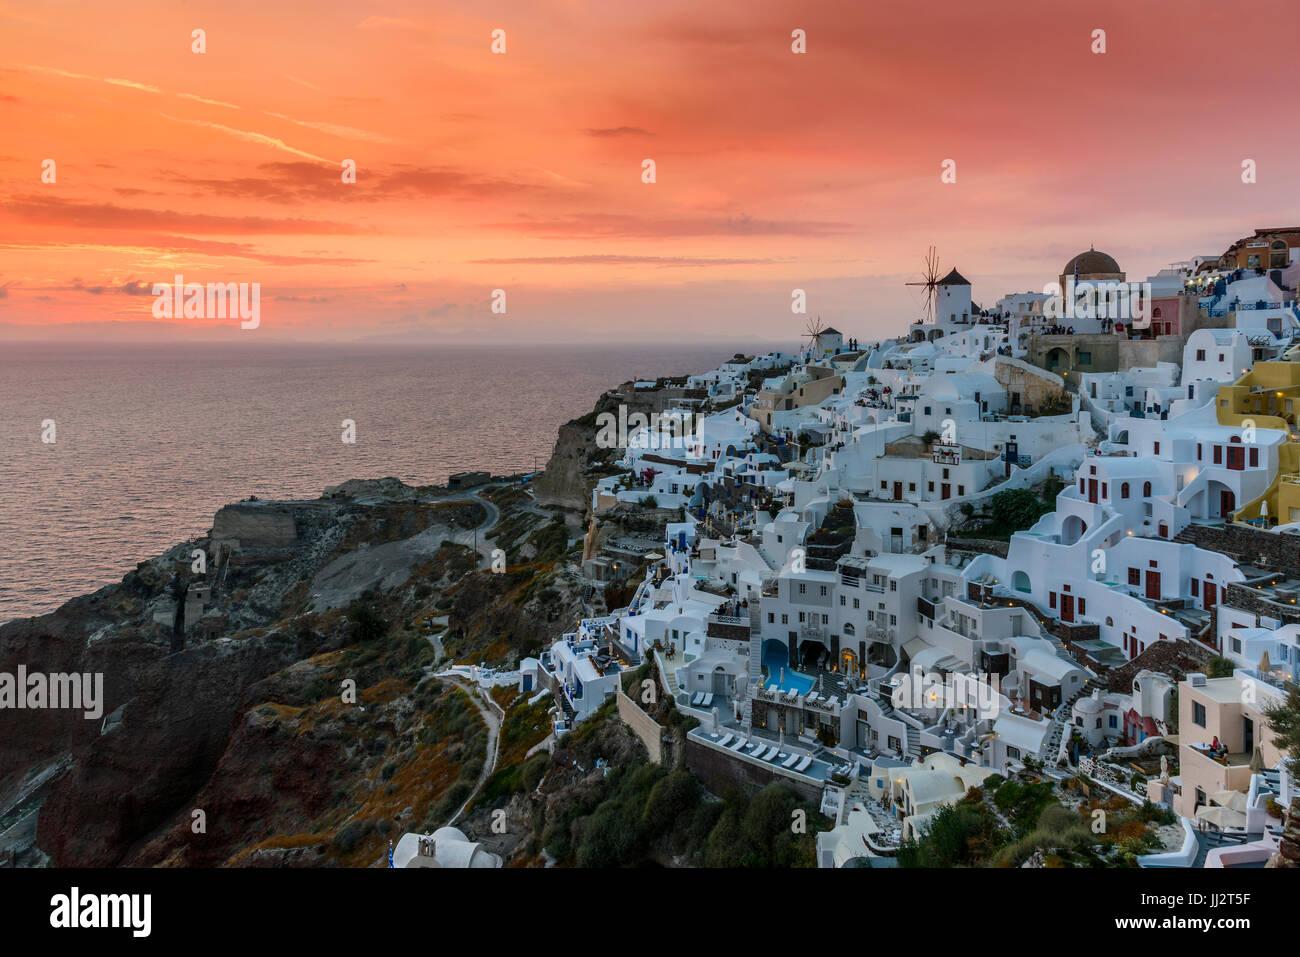 Vue du coucher de soleil, Oia, Santorin, sud de la mer Egée, Grèce Photo Stock